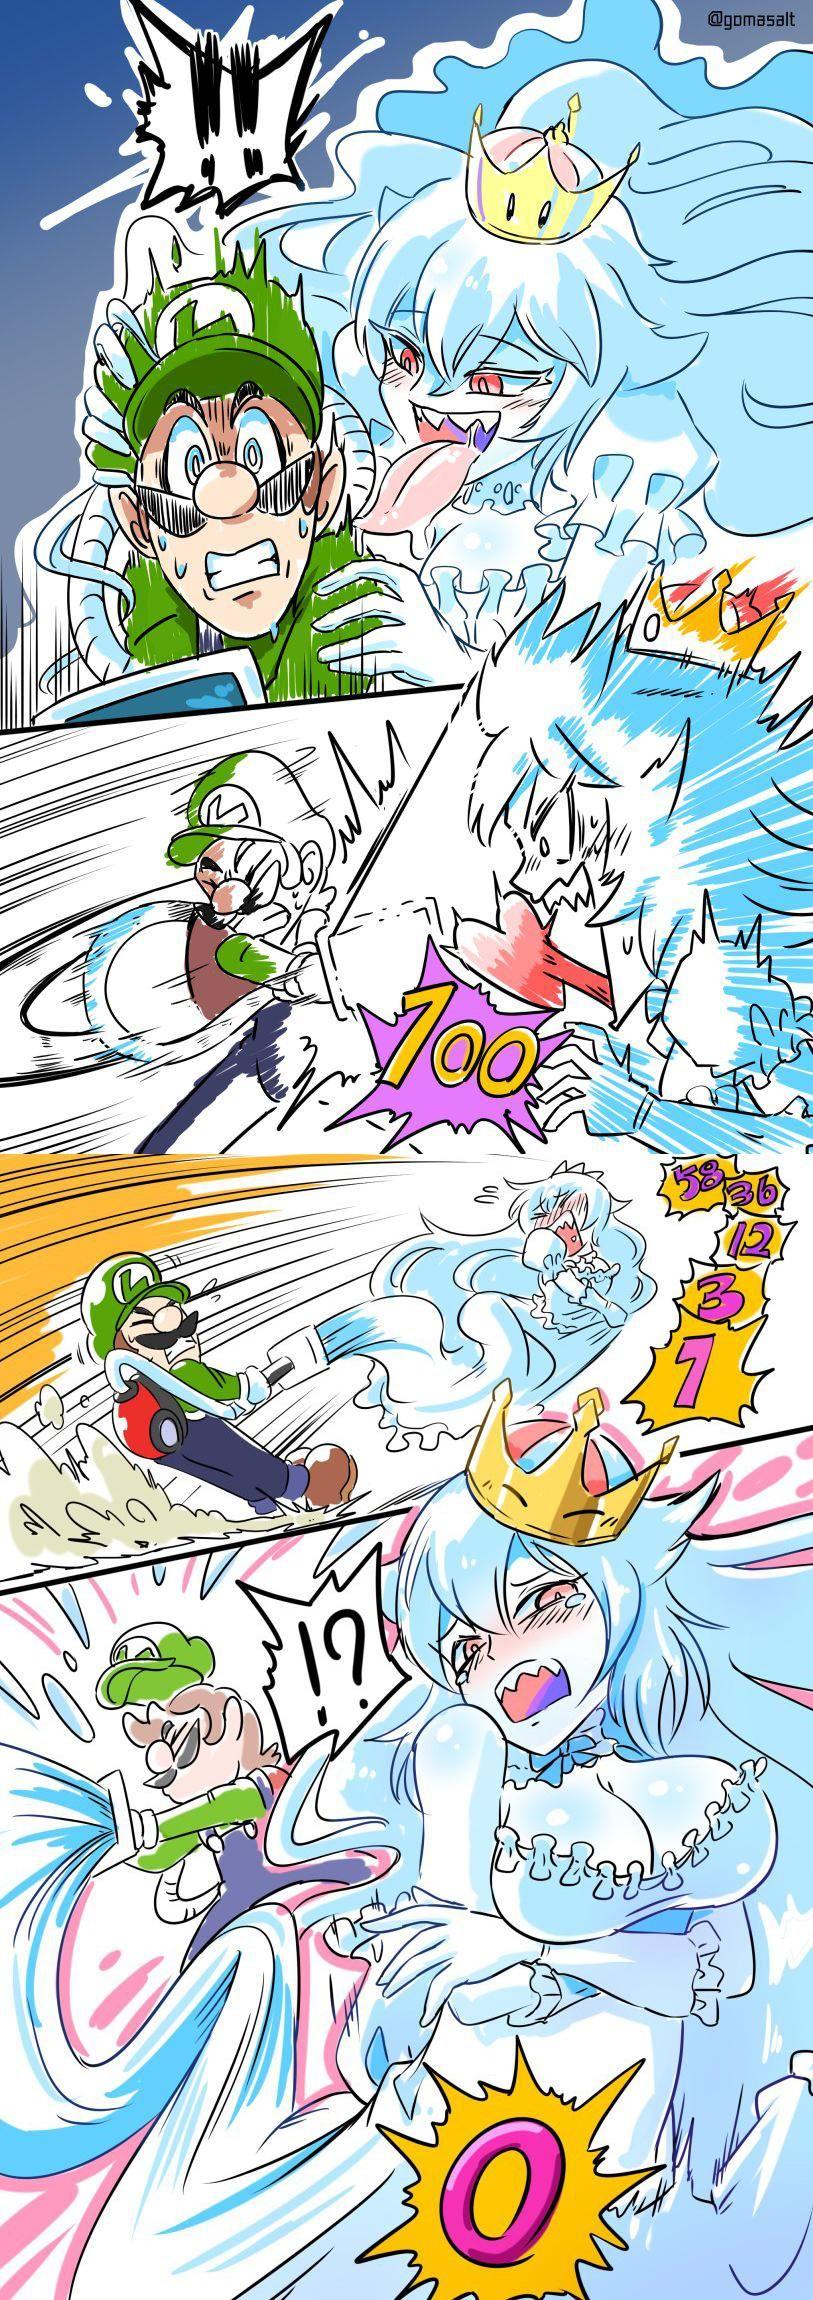 Luigis Massion Looks Different Ifttt 2xQs7IK